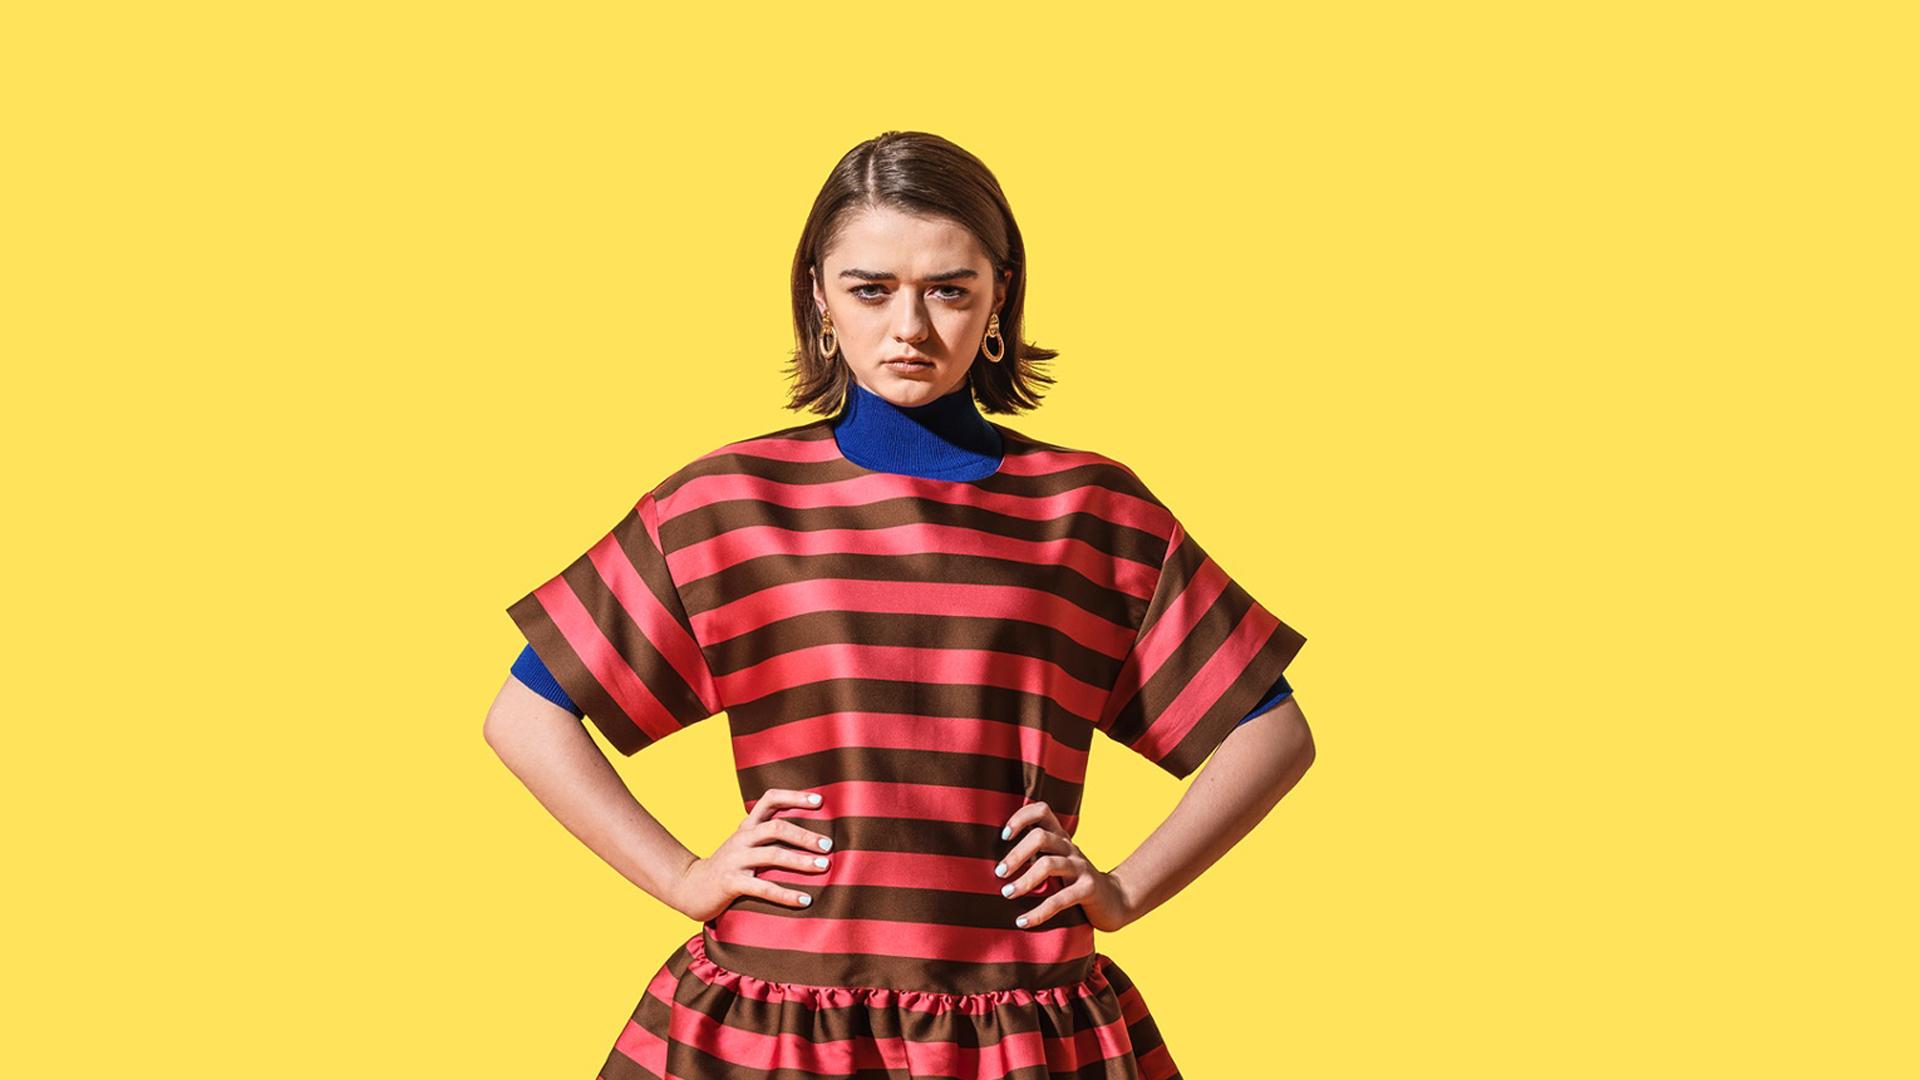 Maisie Williams Images